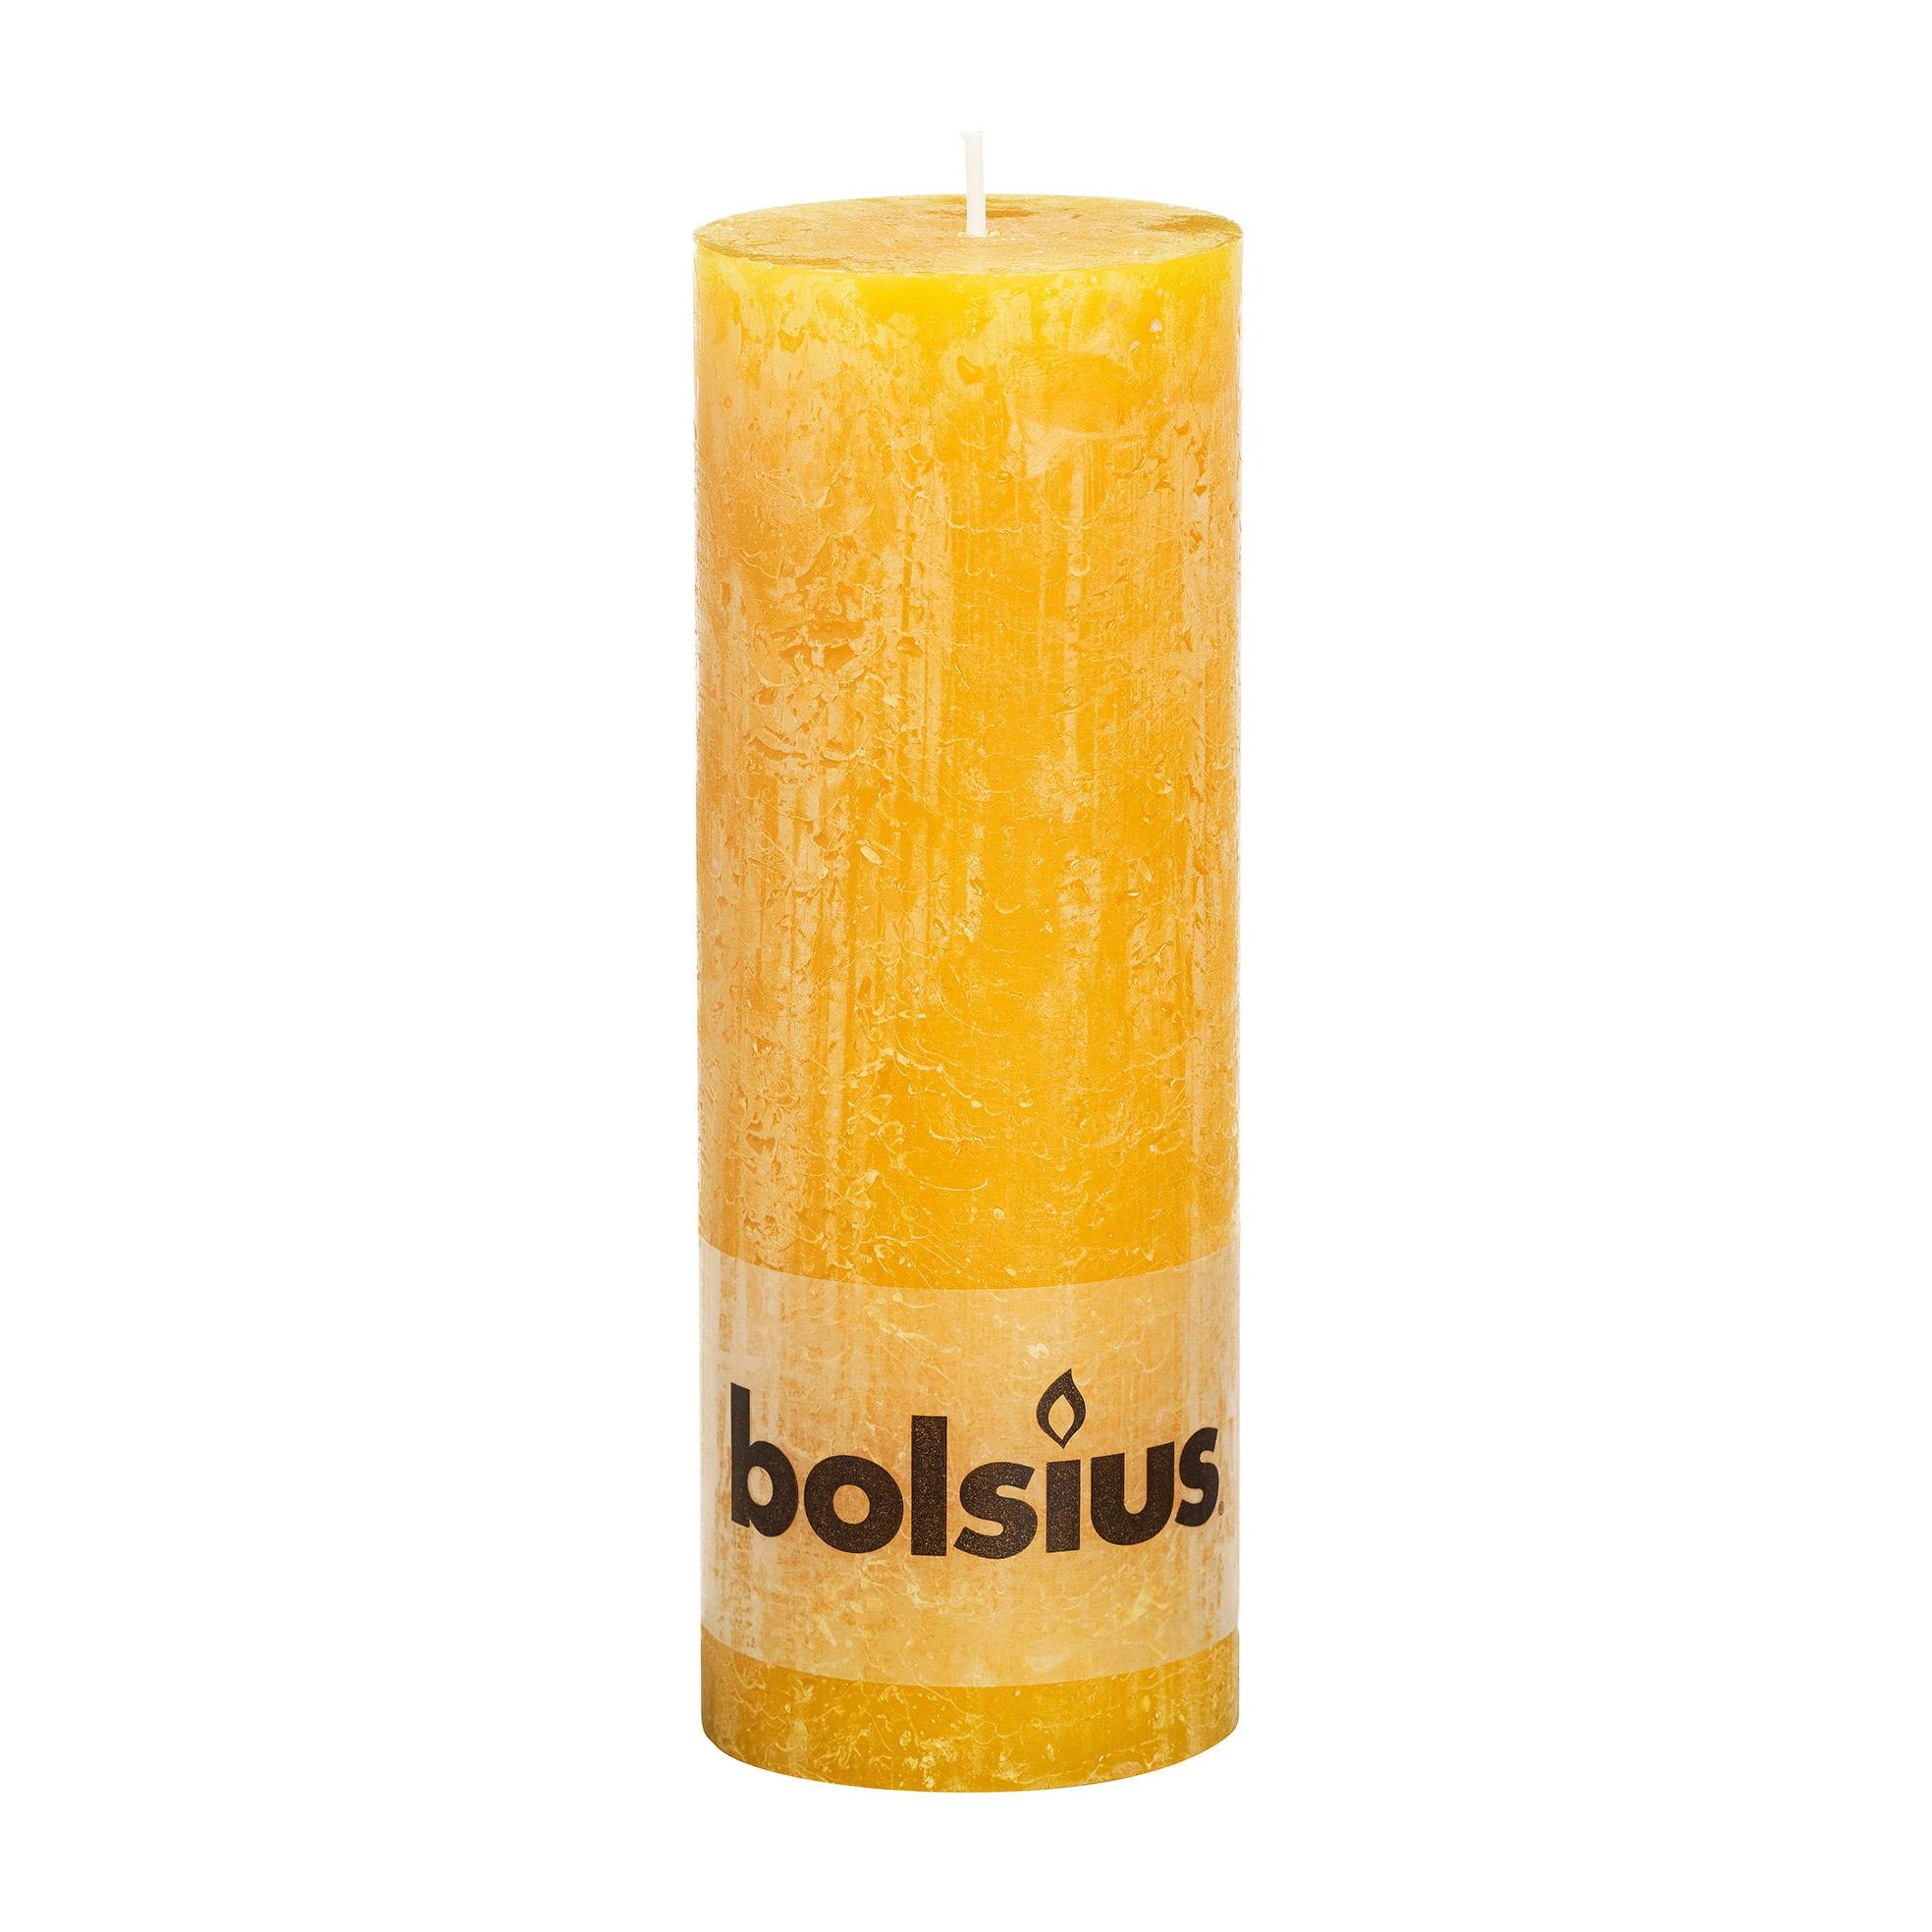 Фото - Свеча Bolsius block Rustic Metallic 19x6,8 см орха желтая свеча bolsius rustic metal gold 8х6 8 см